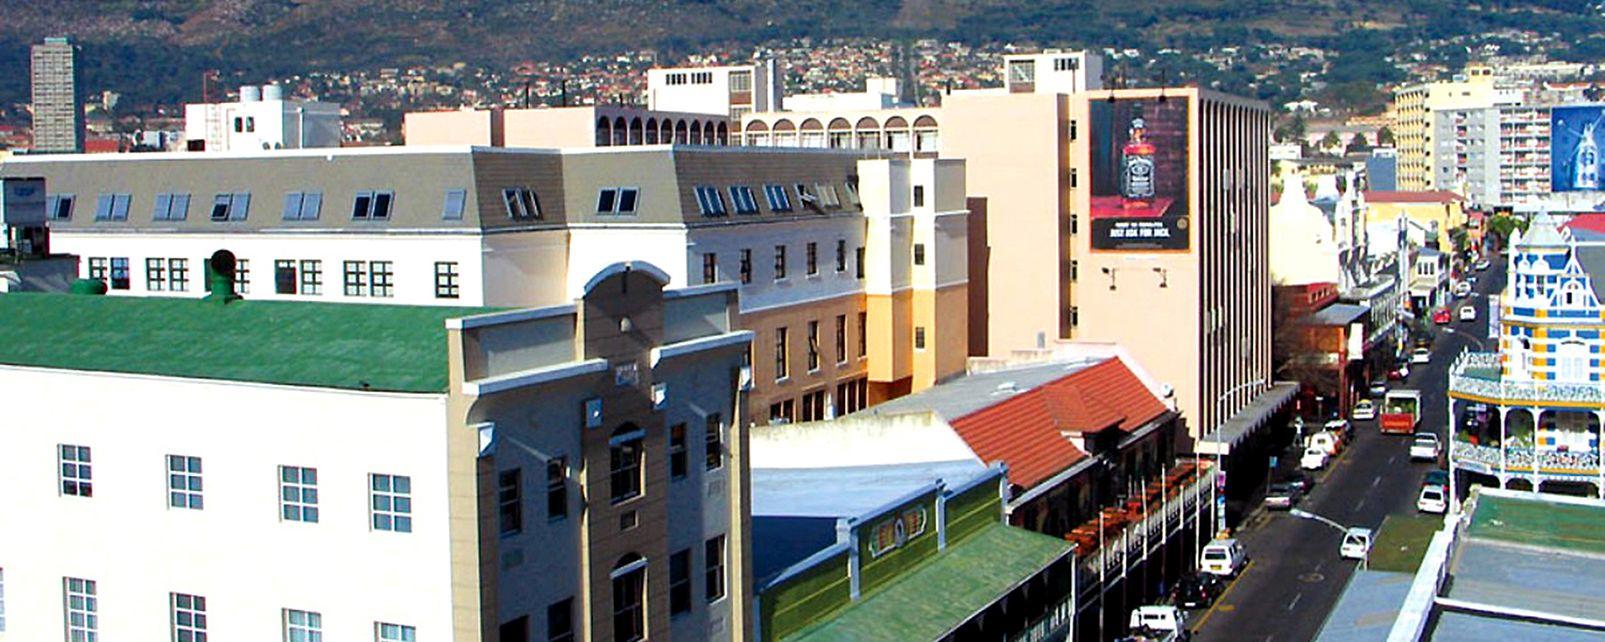 Hôtel Urban Chic Boutique Hotel